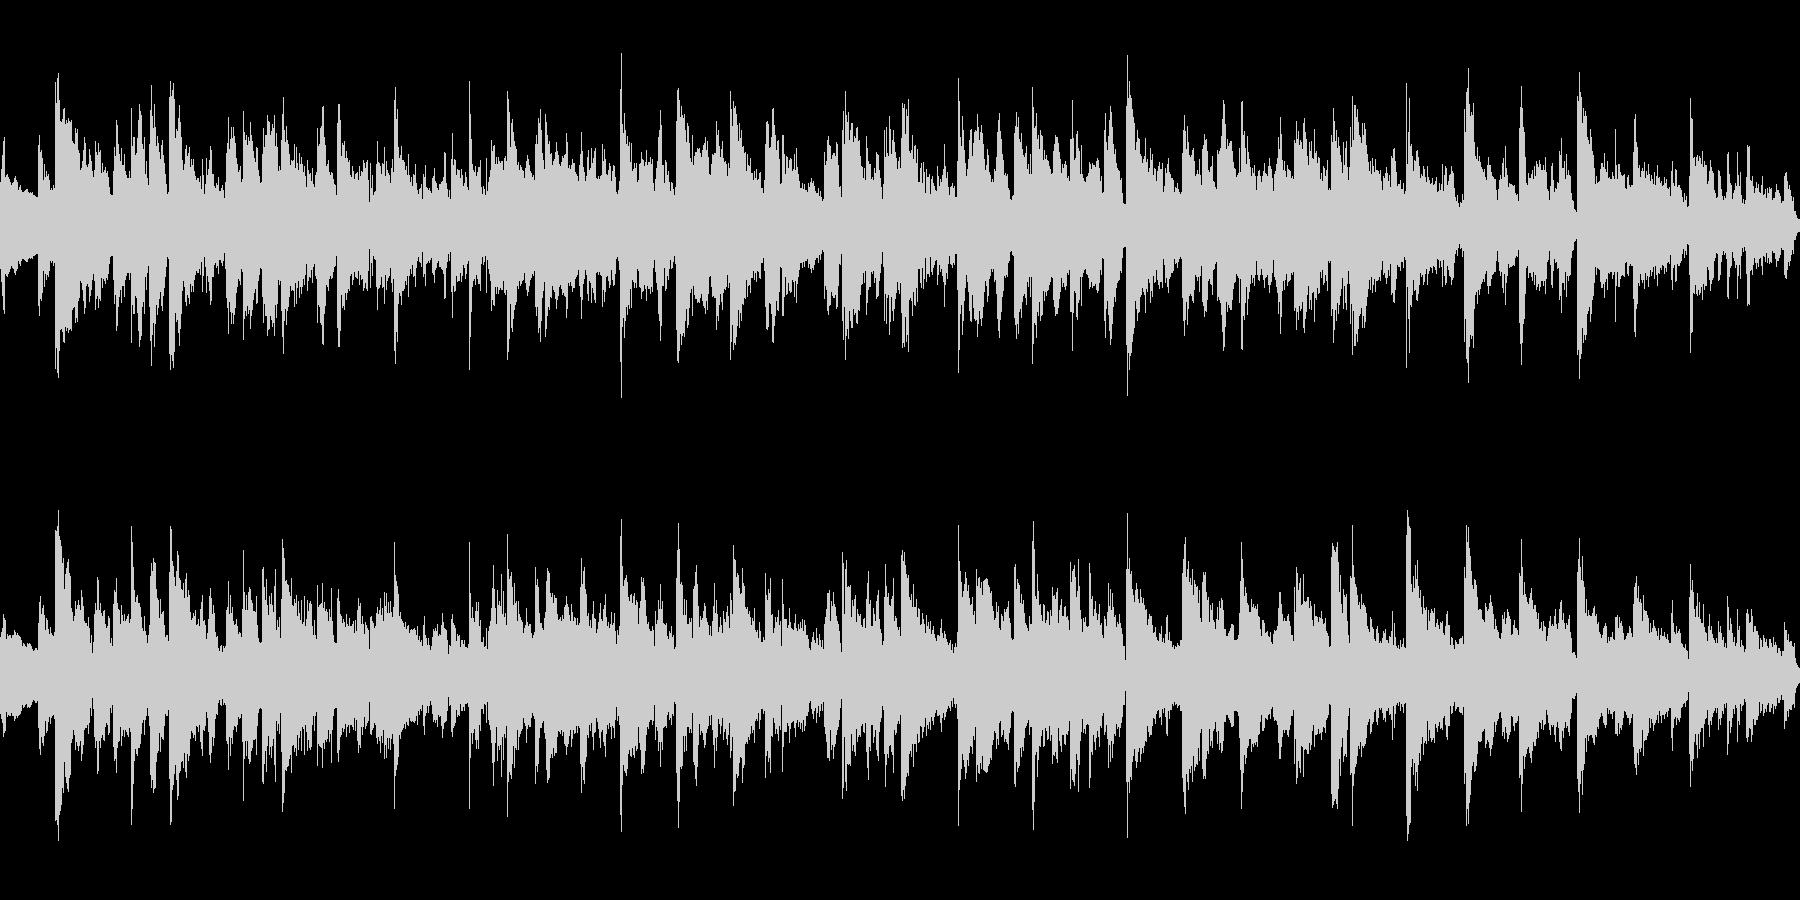 ジャズ ギターバラード ループ 生演奏の未再生の波形